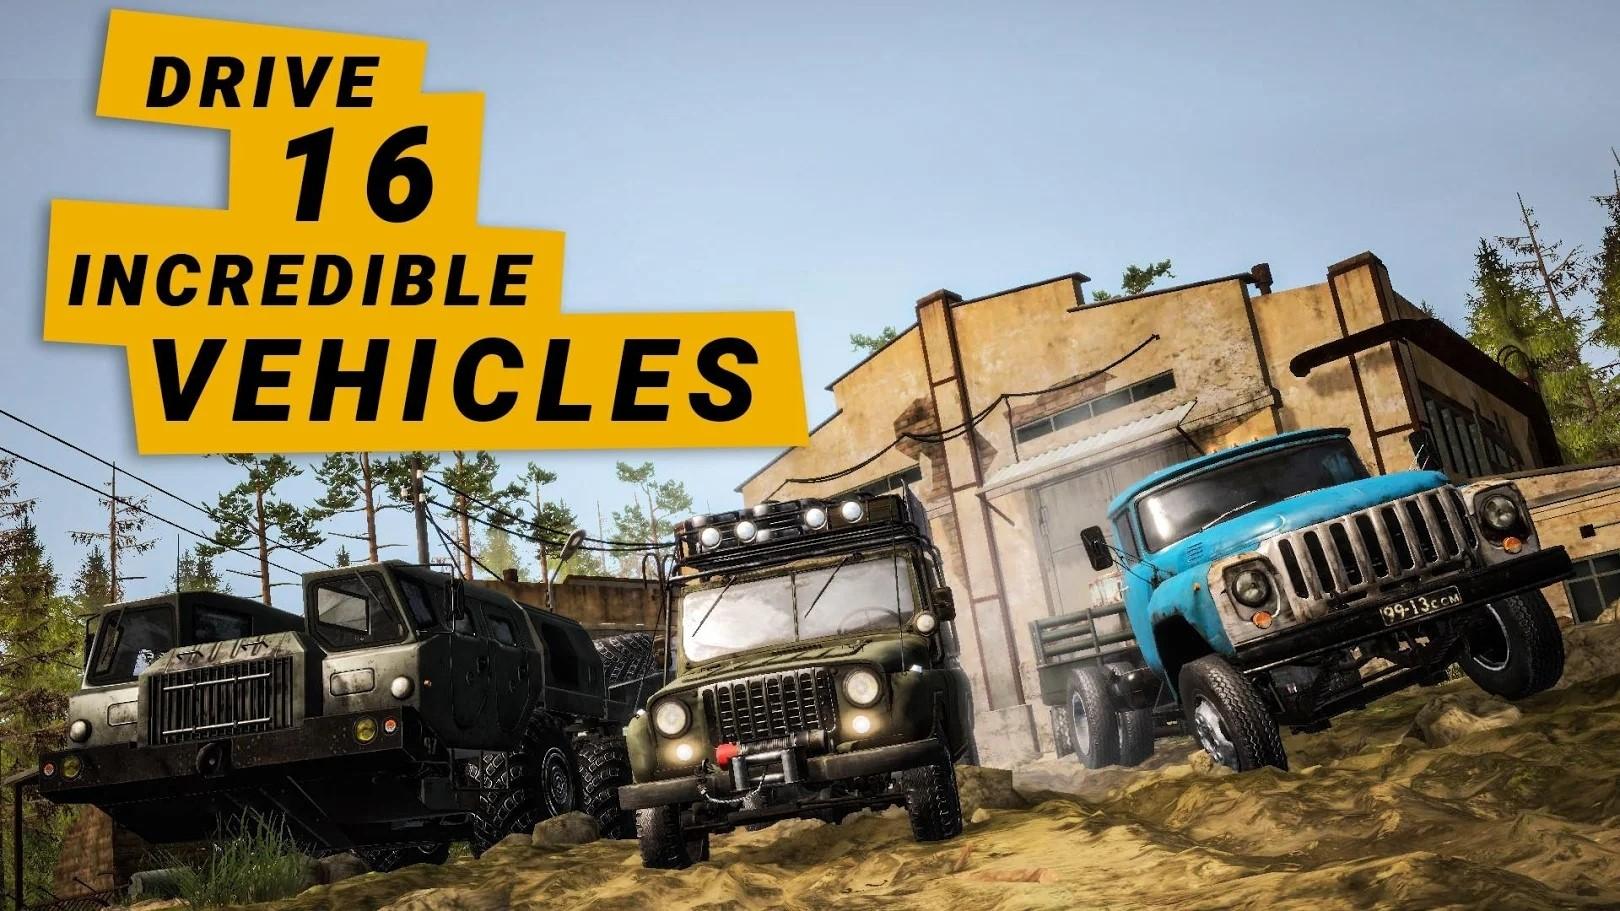 旋转轮胎泥泞奔驰车辆解锁破解版游戏截图